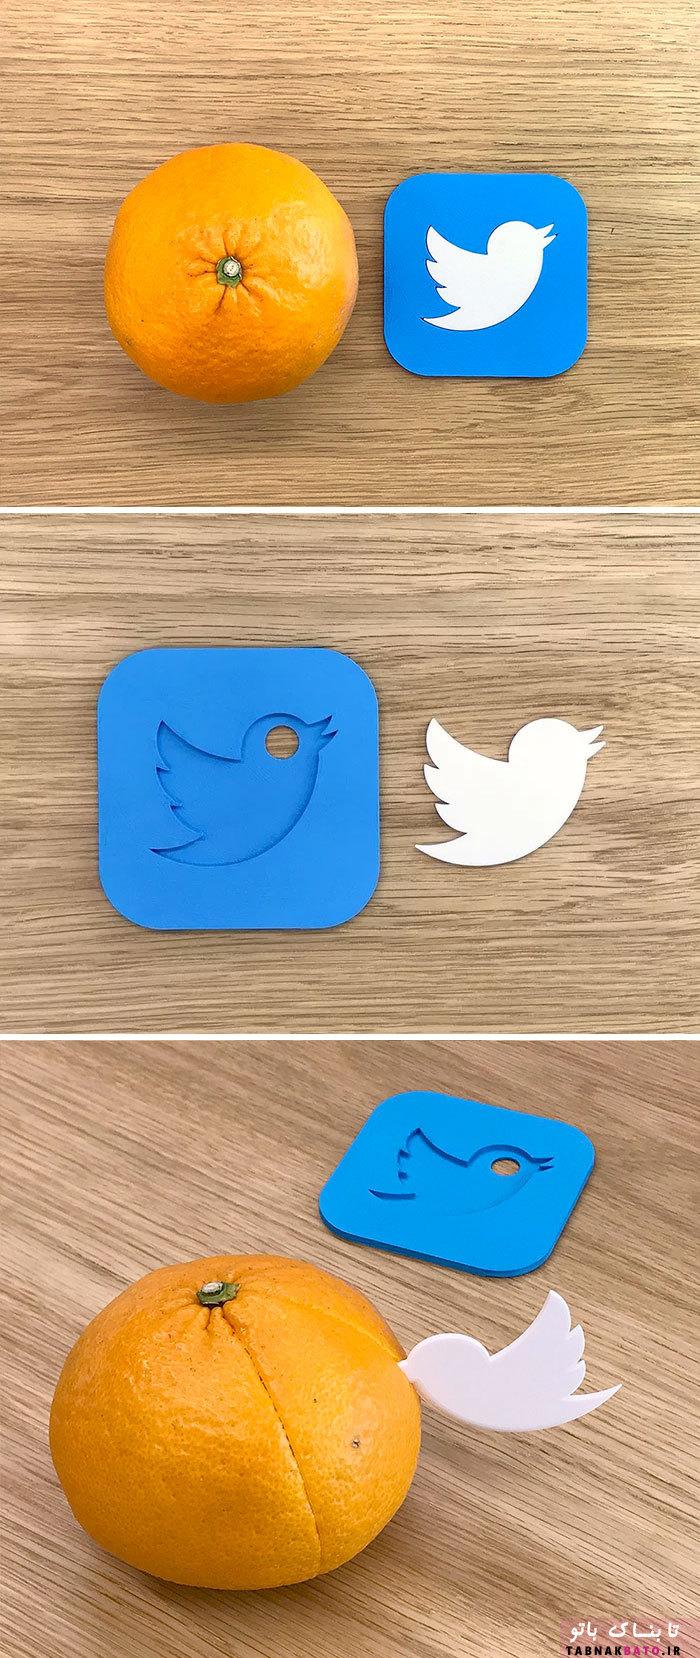 تبدیل لوگوی شرکت های معروف جهانی به ابزارهای پرکاربرد روزانه